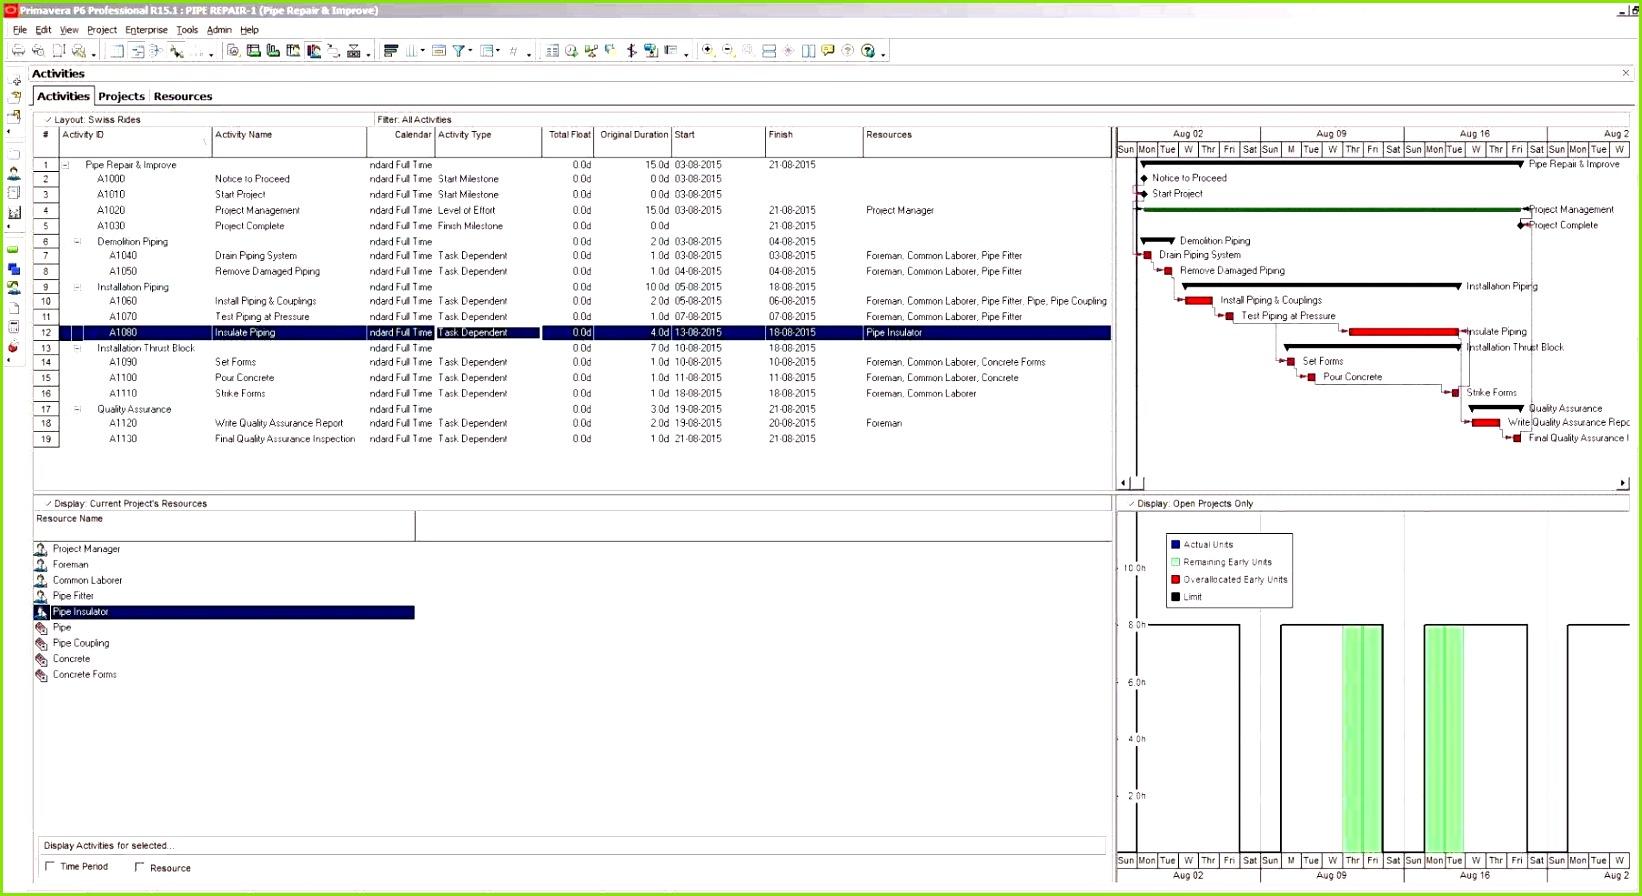 Lebenslauf Vorlage Mit Bild Best Word Document Calendar Template Lebenslauf Handwerker ktforsenate Kalkulation Handwerk Excel